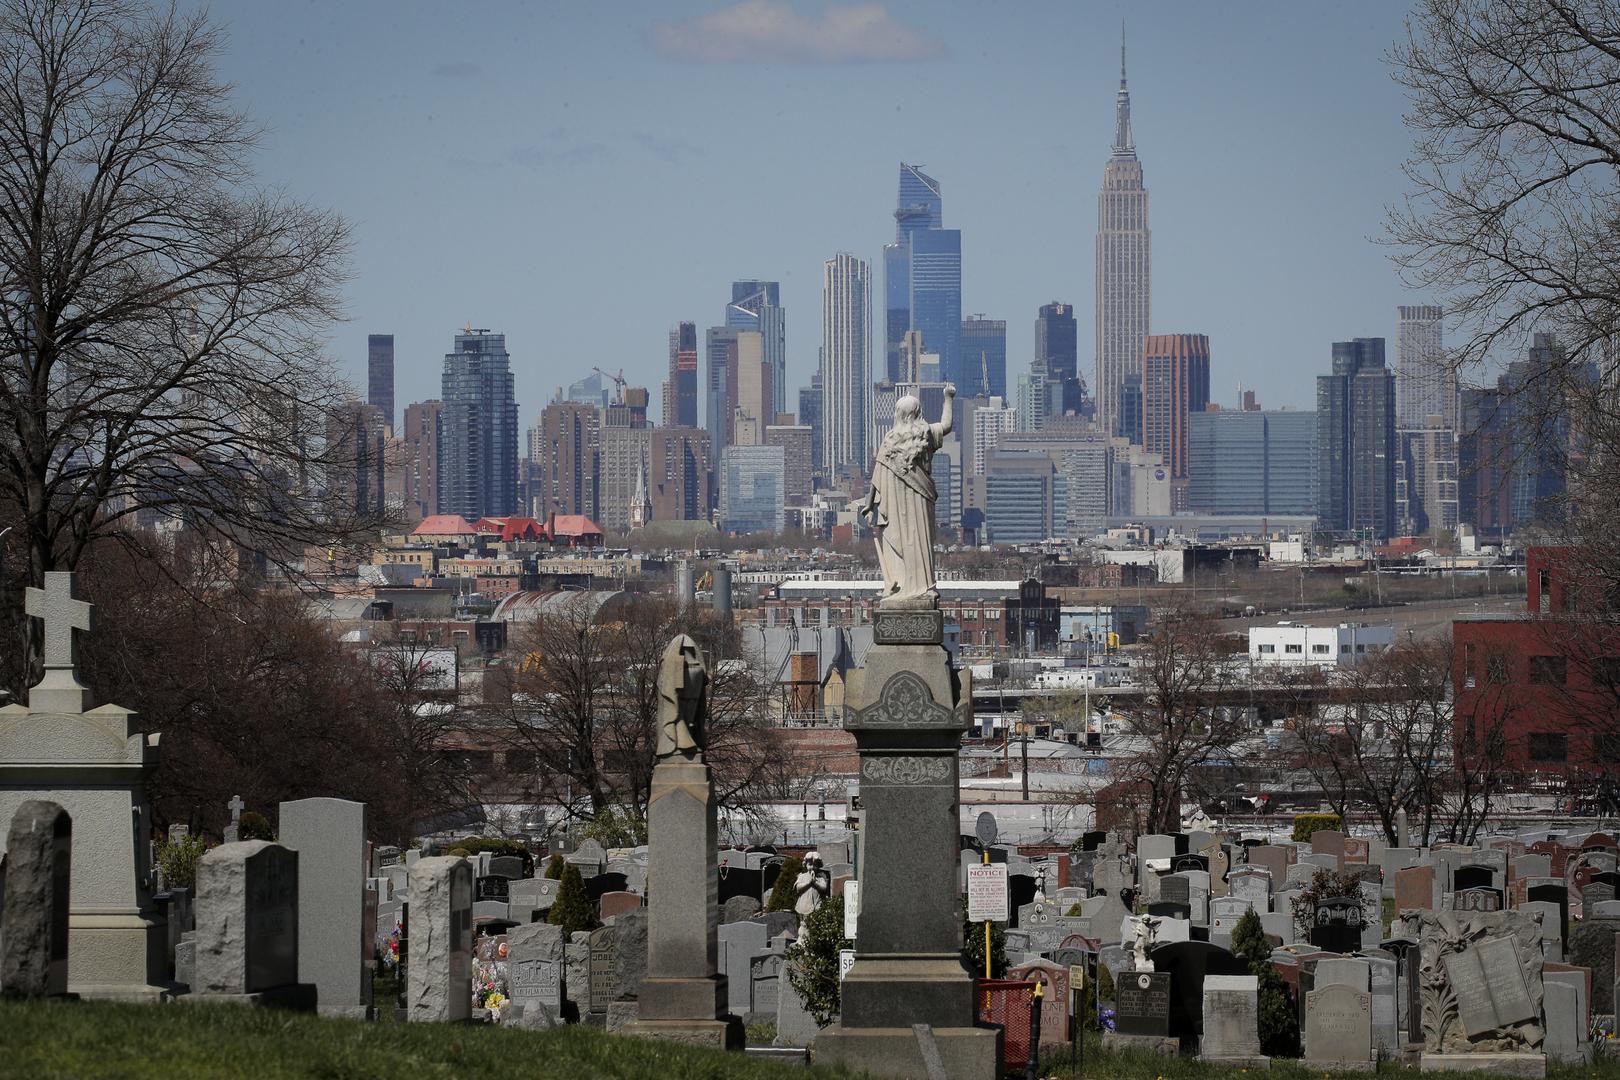 ولاية نيويورك الأمريكية تسجل أكبر حصيلة يومية لوفيات كورونا وسط ارتفاع حاد للمعدل